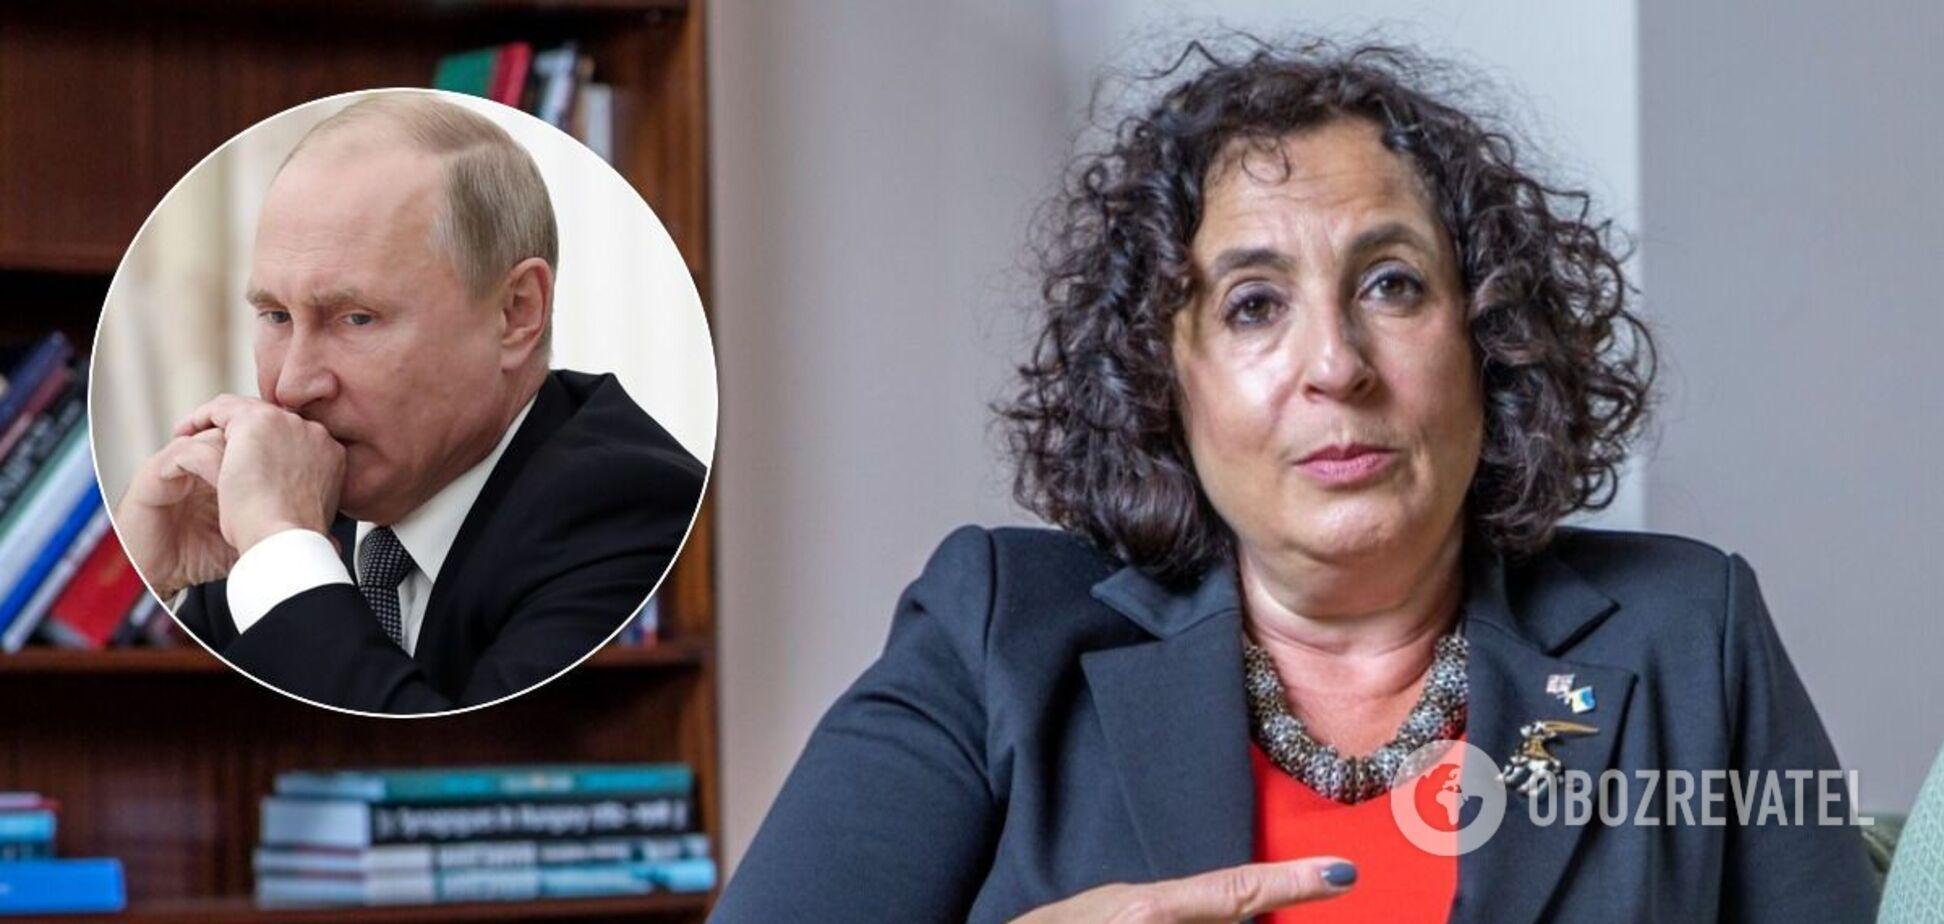 Мелинда Симмонс высказалась об агрессии России